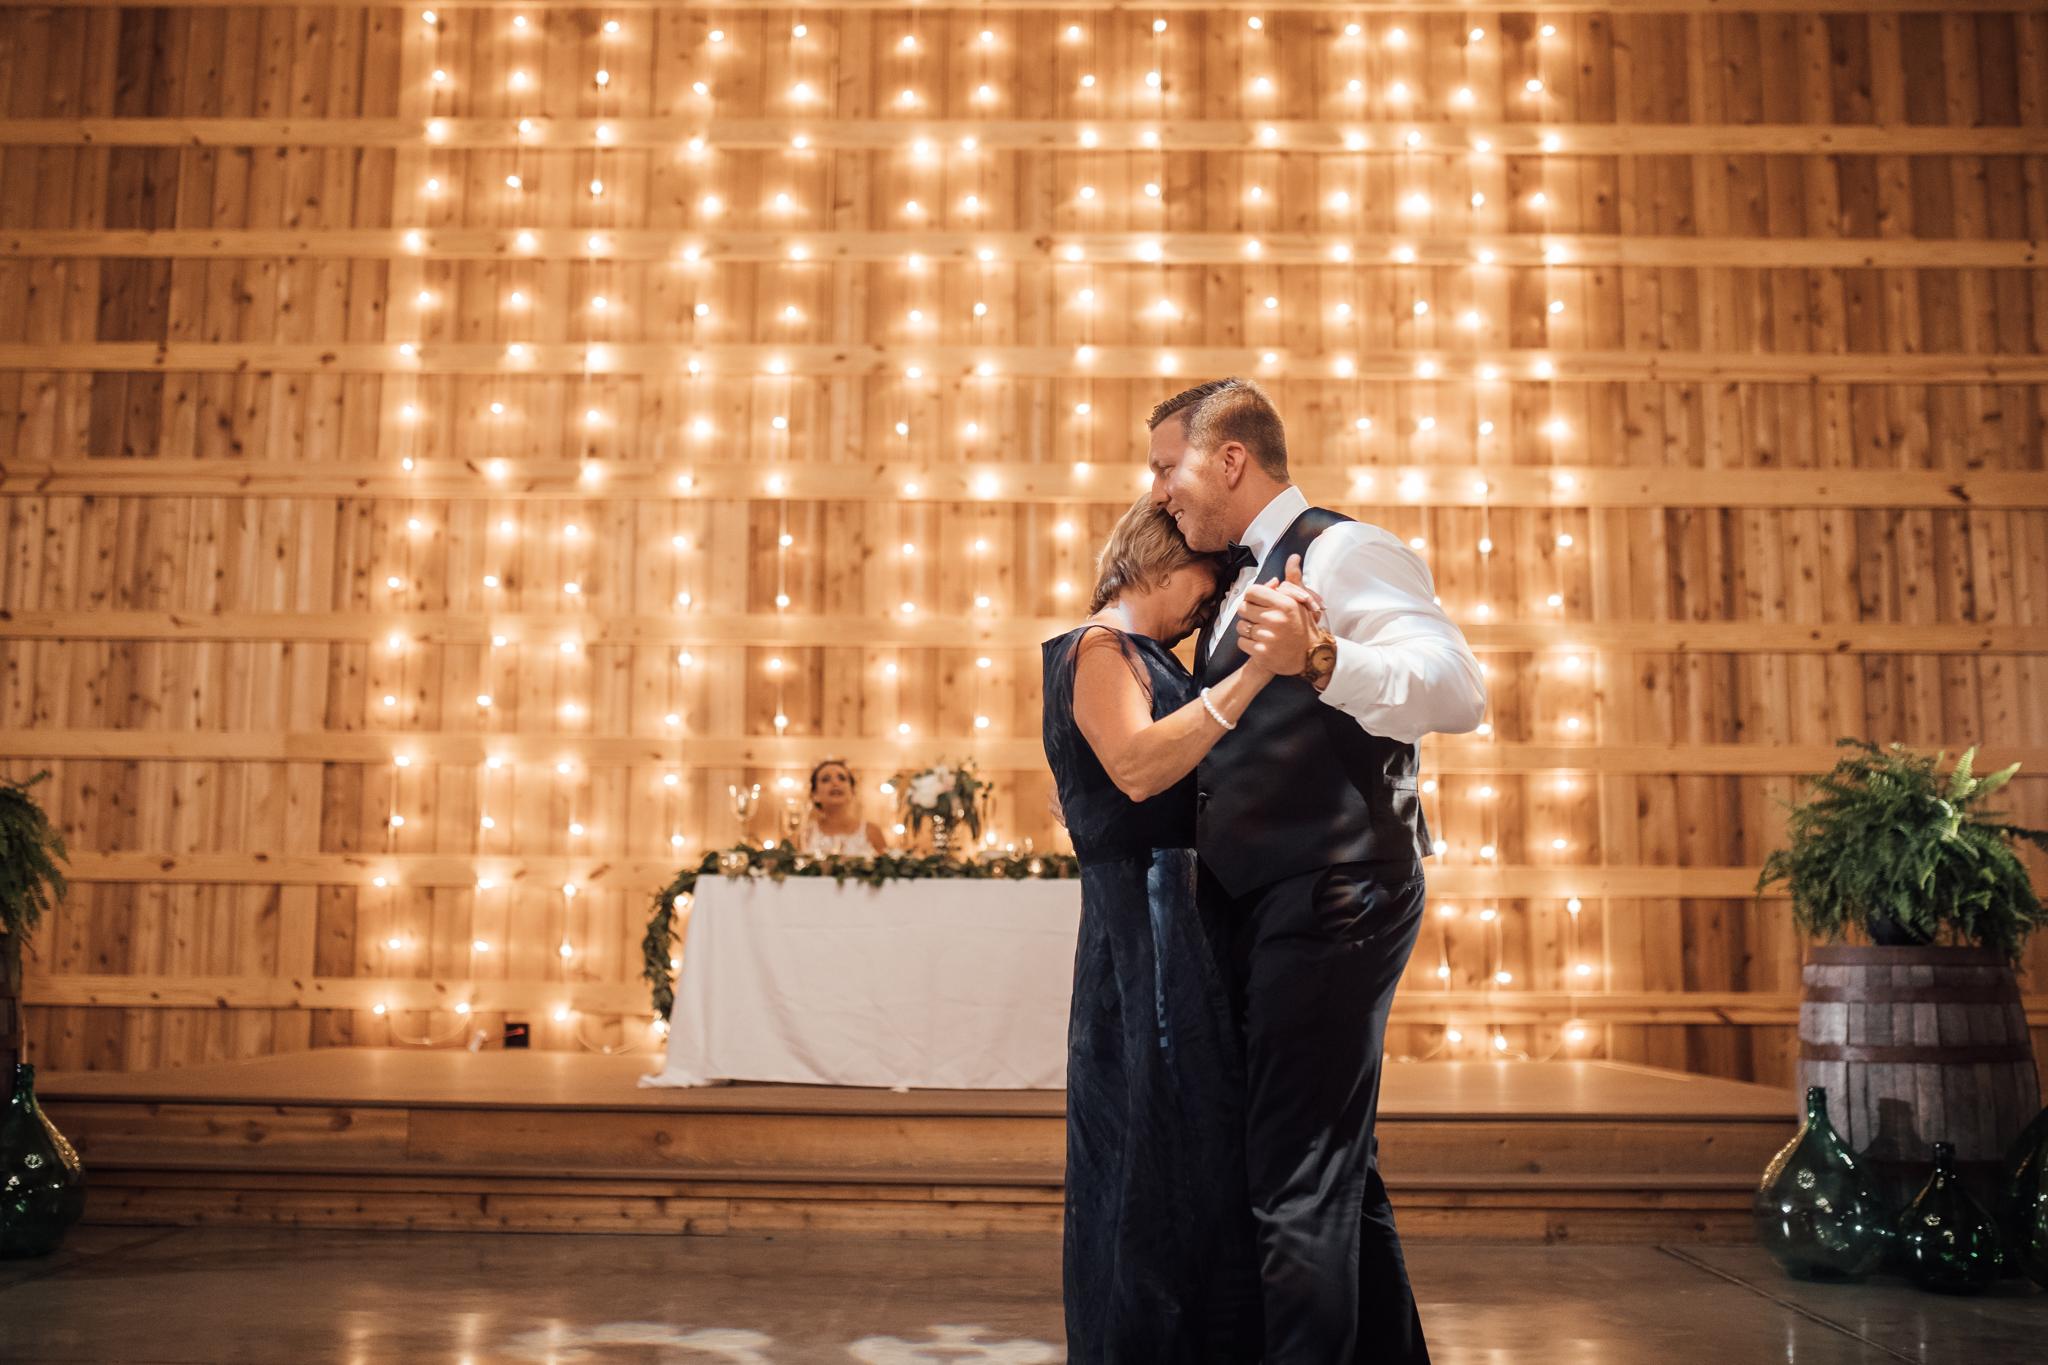 saddlewoodsfarms-nashville-wedding-photographer-thewarmtharoundyou-rustic-wedding (226 of 251).jpg